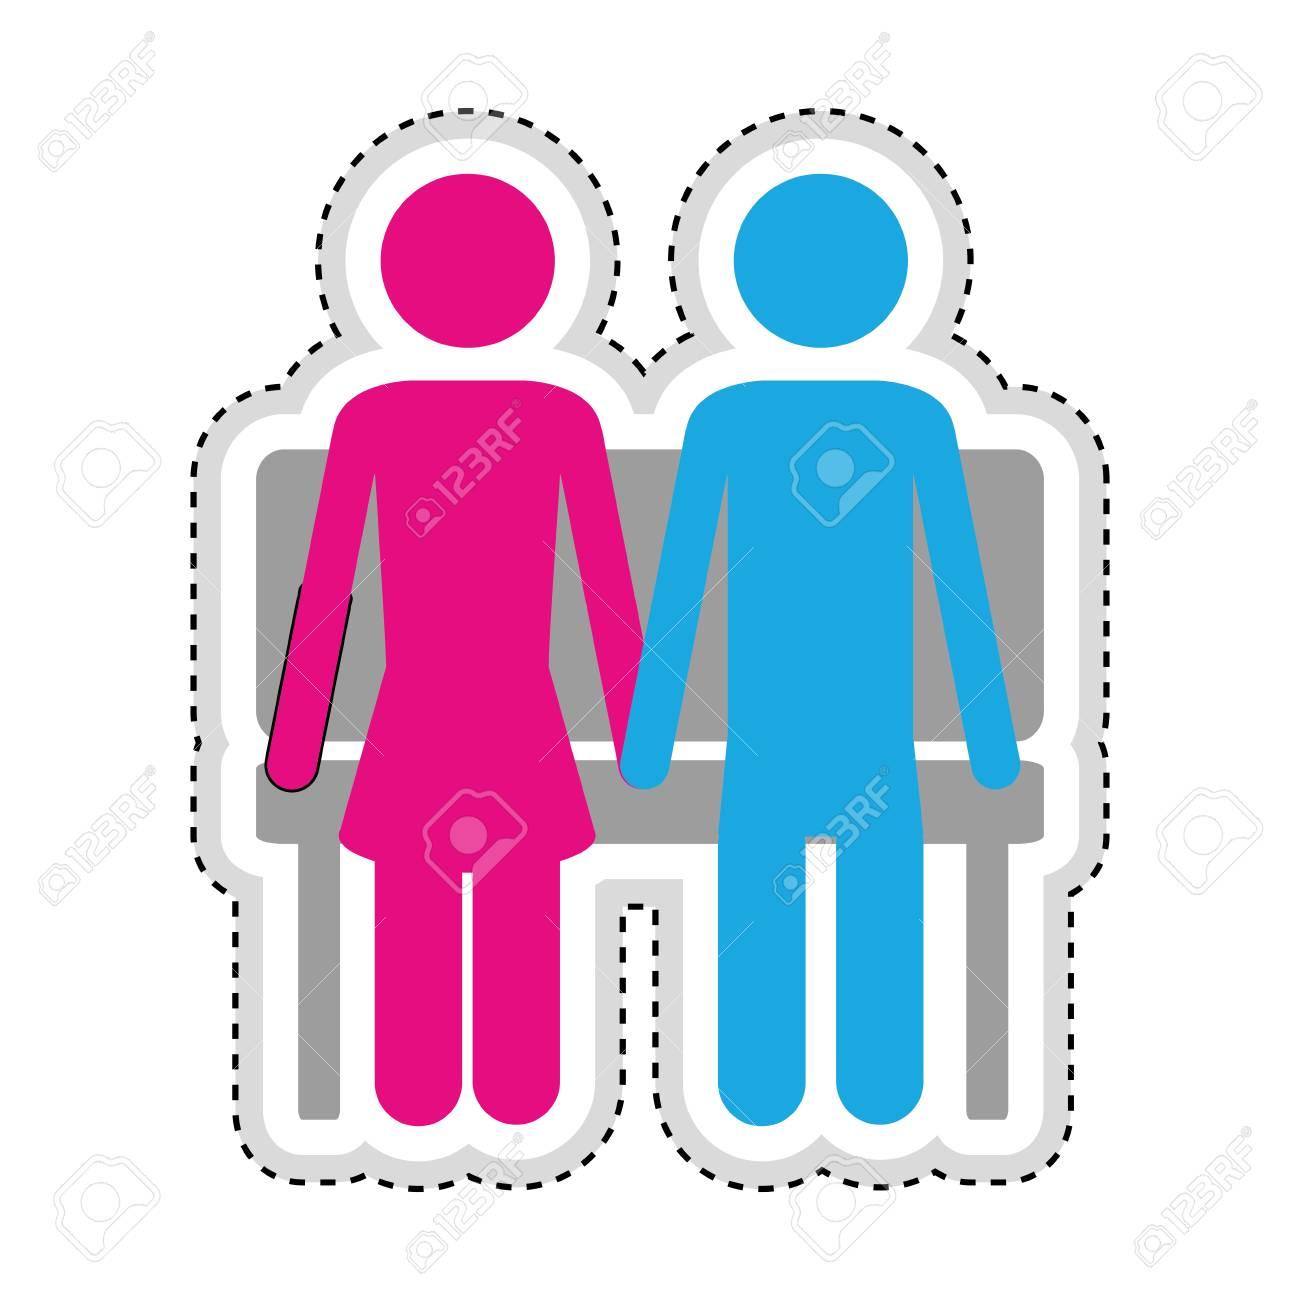 男性女性ロマンチックなカップルのアイコン画像ベクトル イラスト